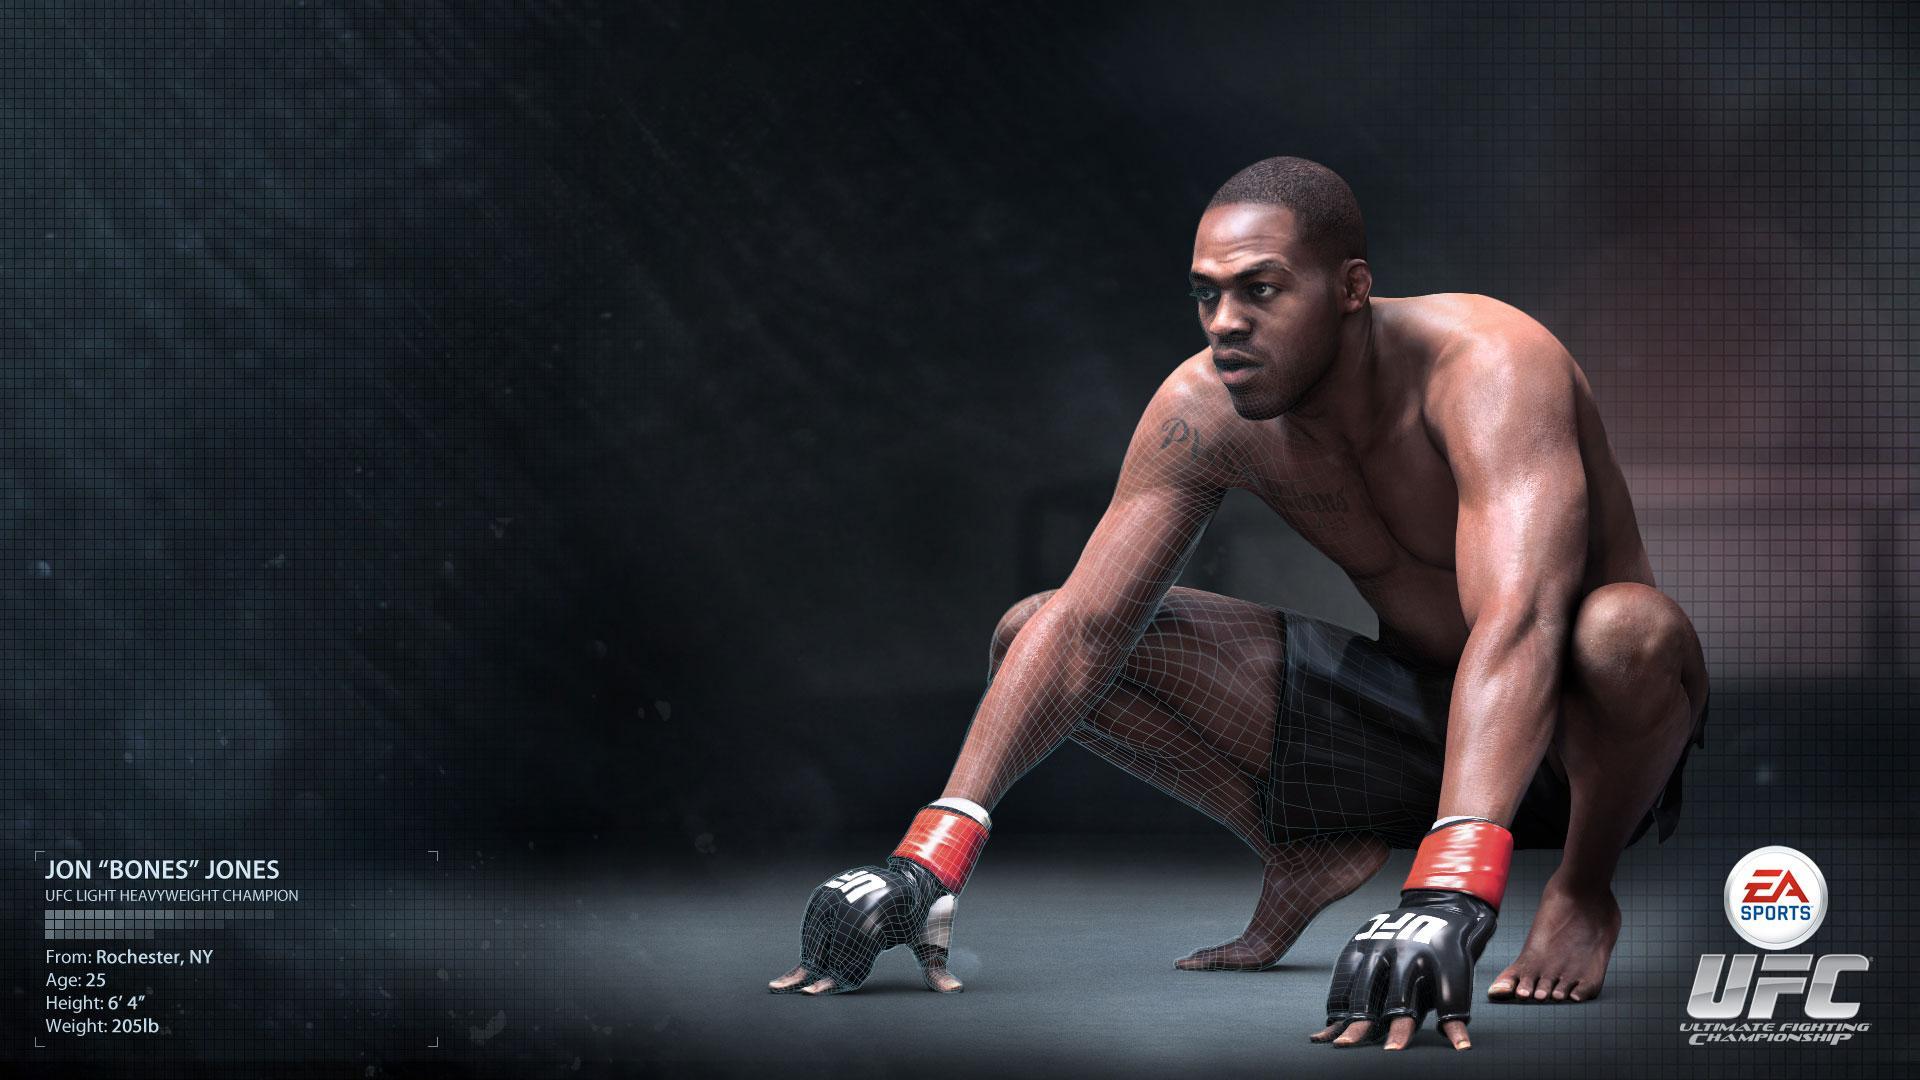 UFC mma martial arts wallpaper 1920x1080 171373 WallpaperUP 1920x1080